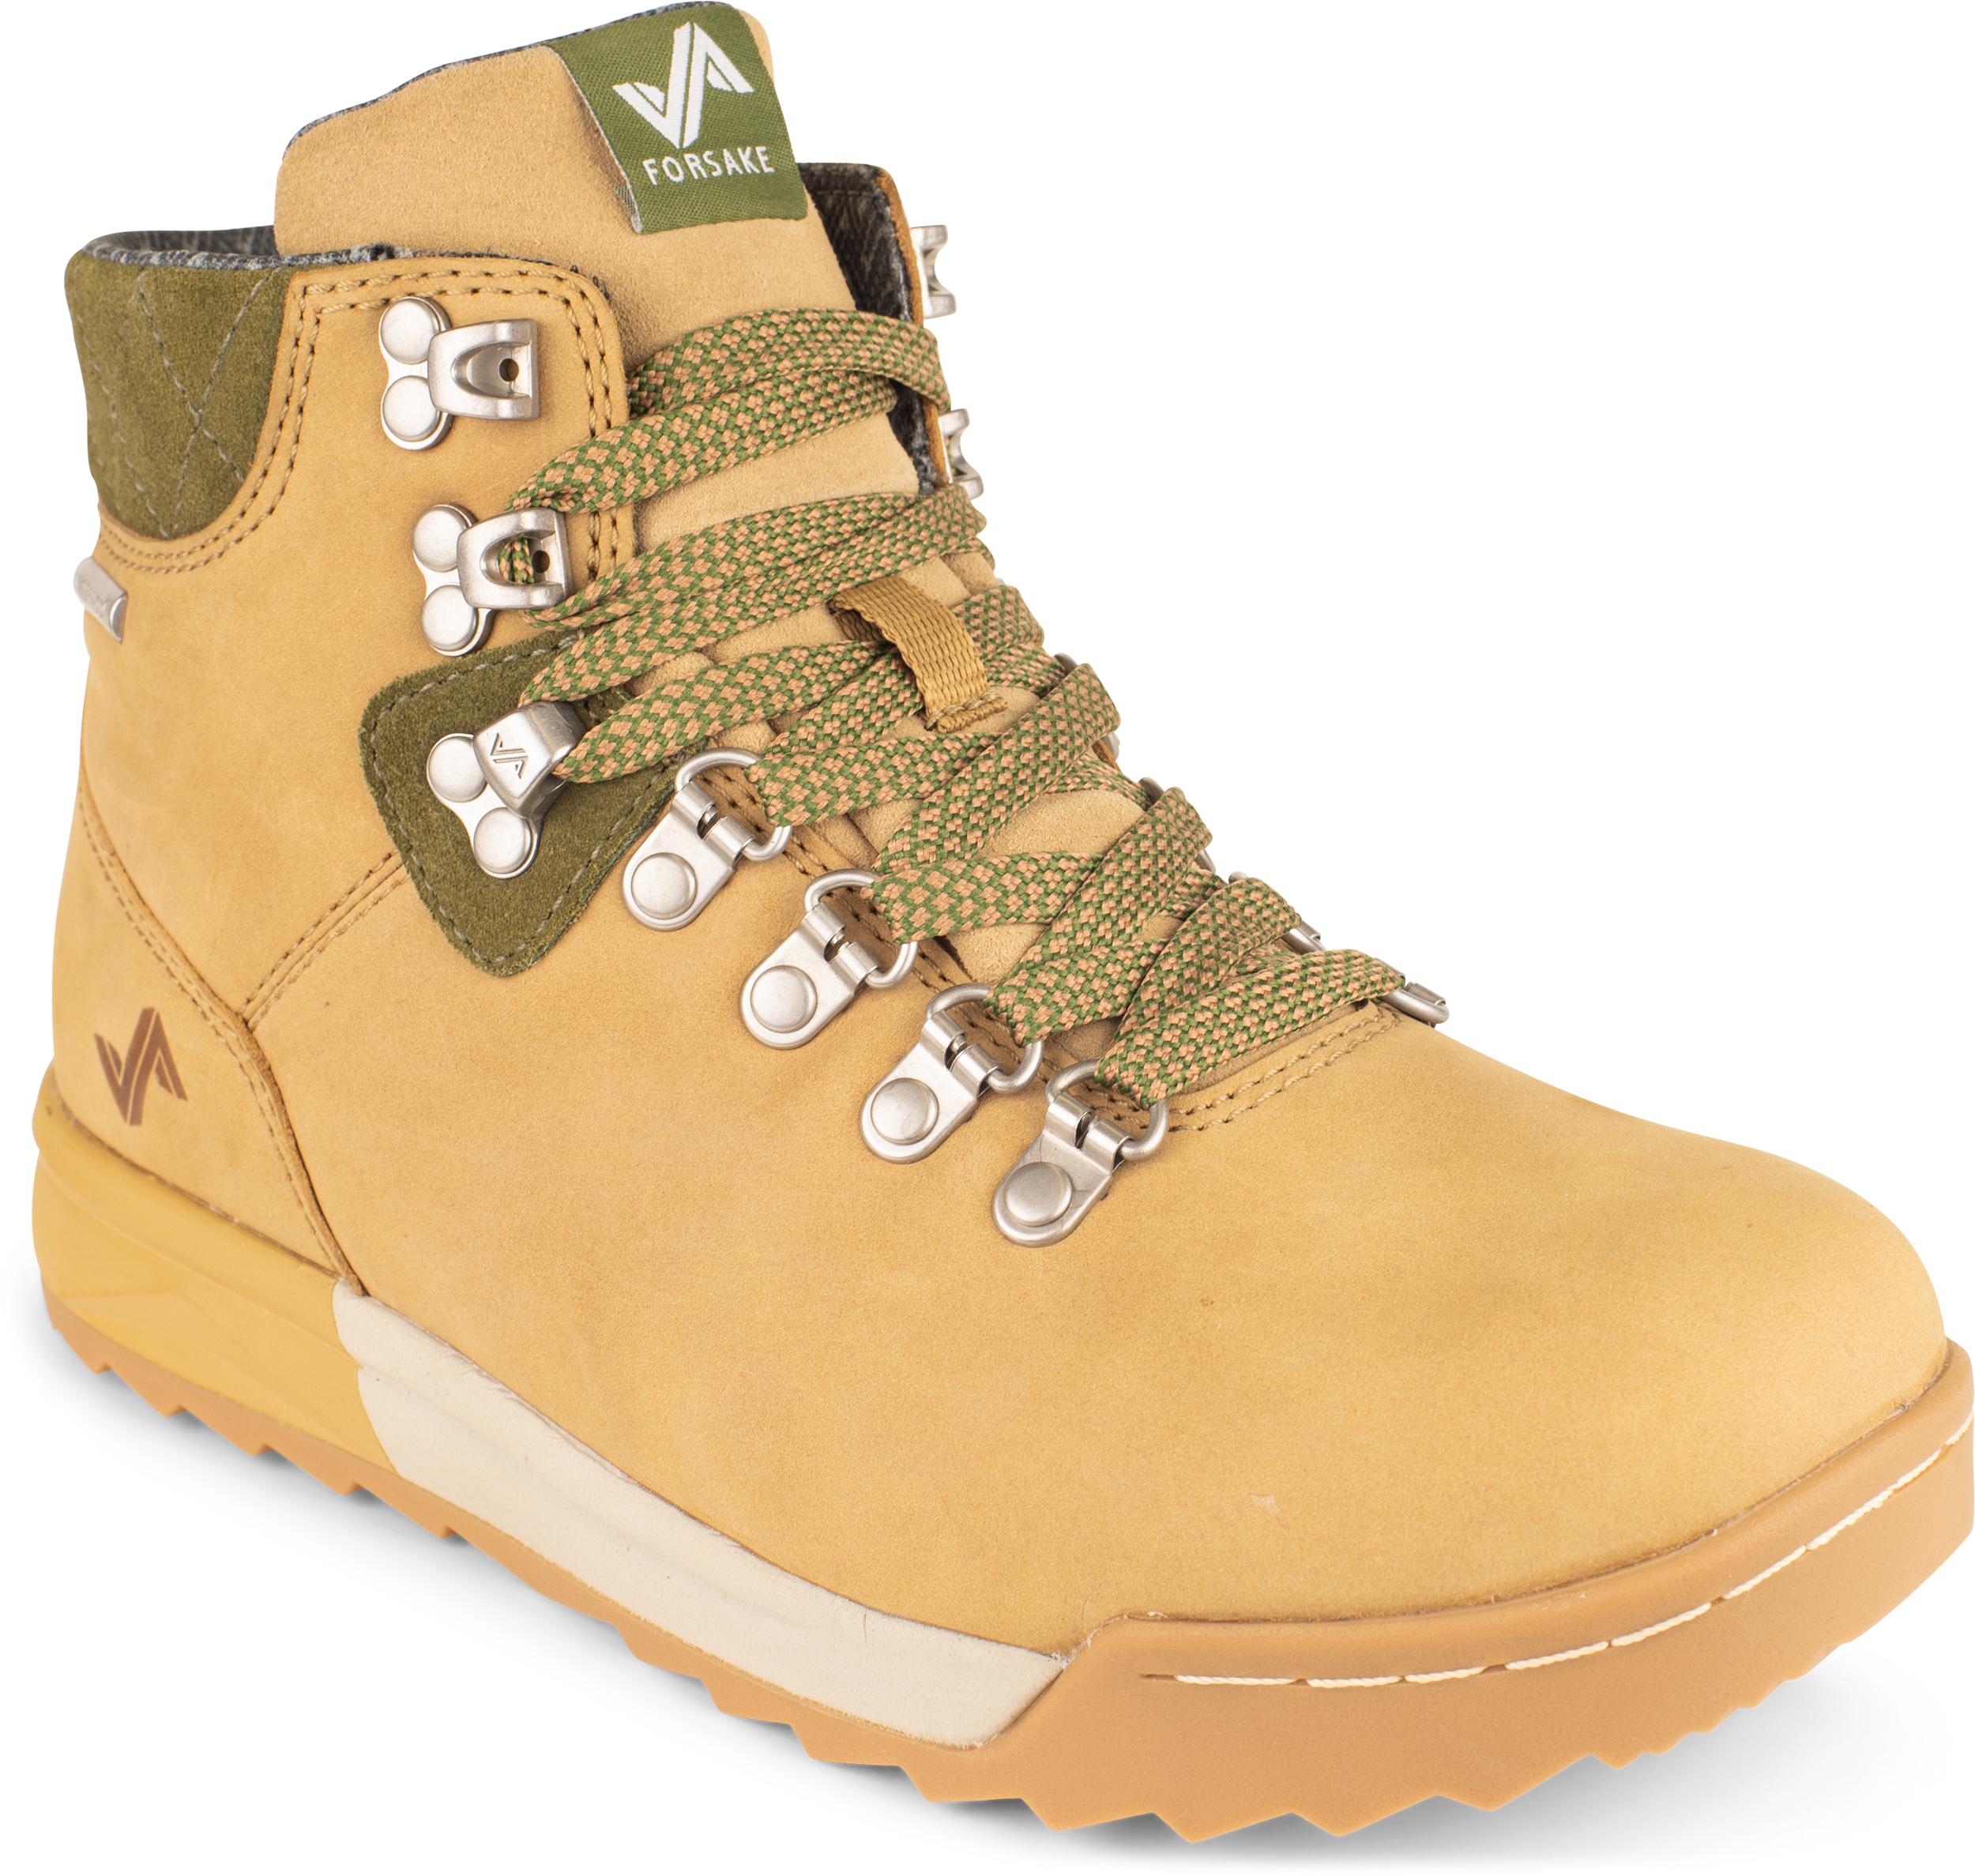 42e7486fe08 Women s Boots